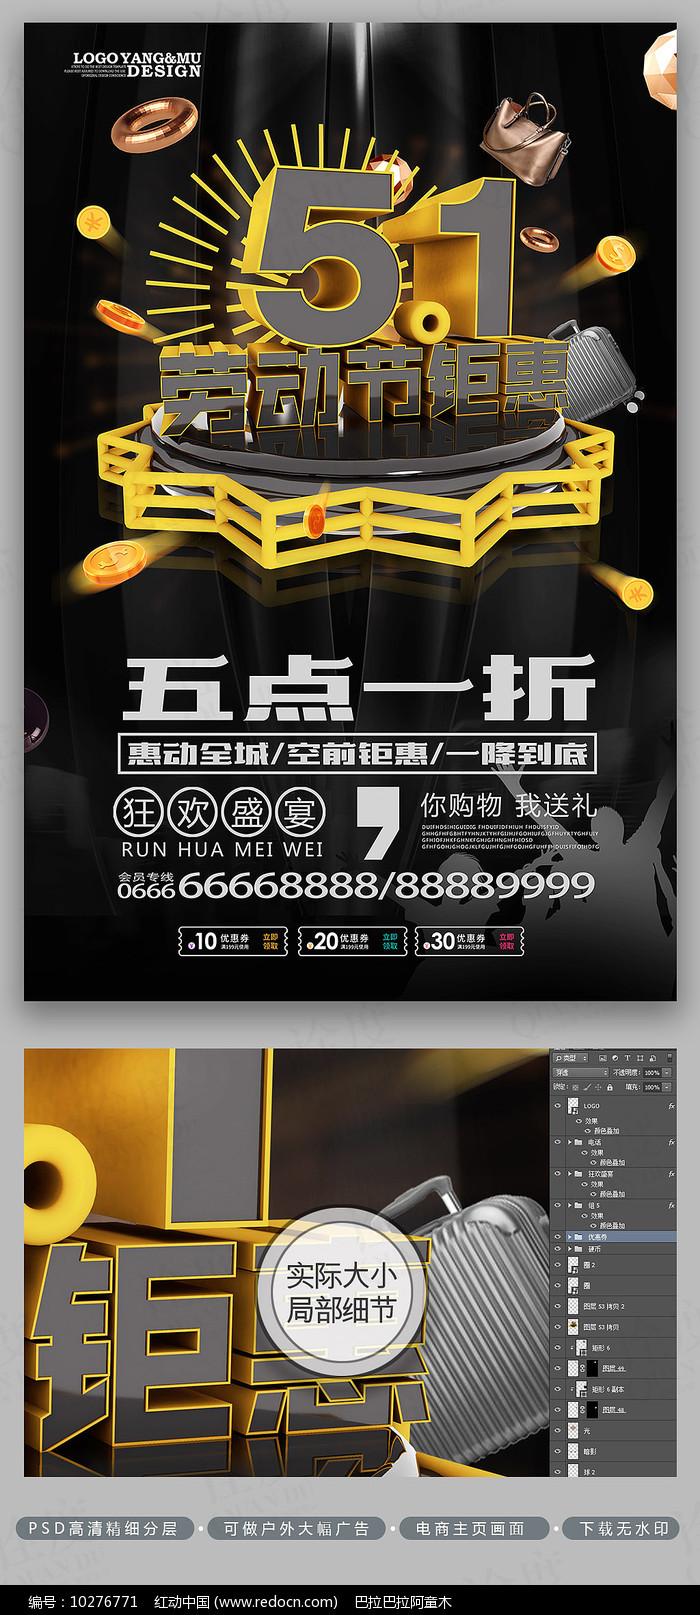 黑色炫酷创意五一劳动节促销海报